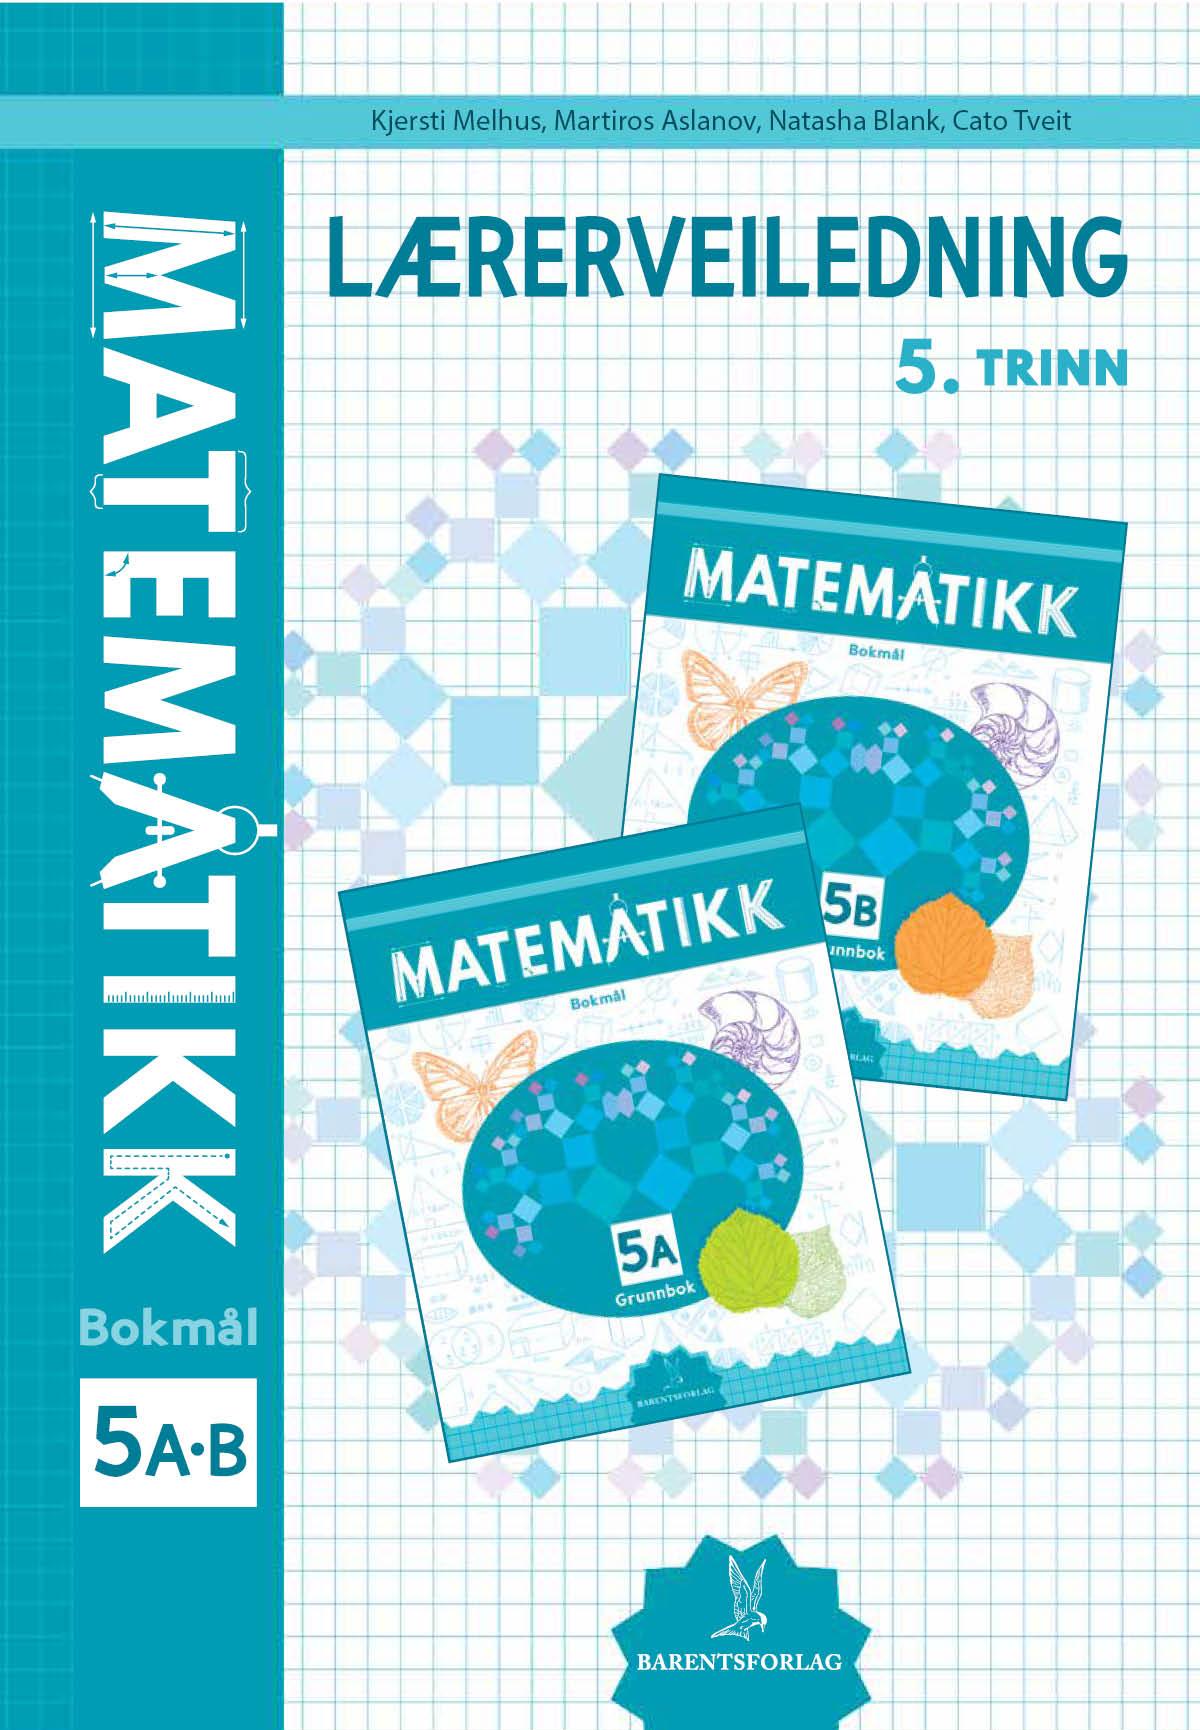 matematikklandet Lærerveiledning 5A-B